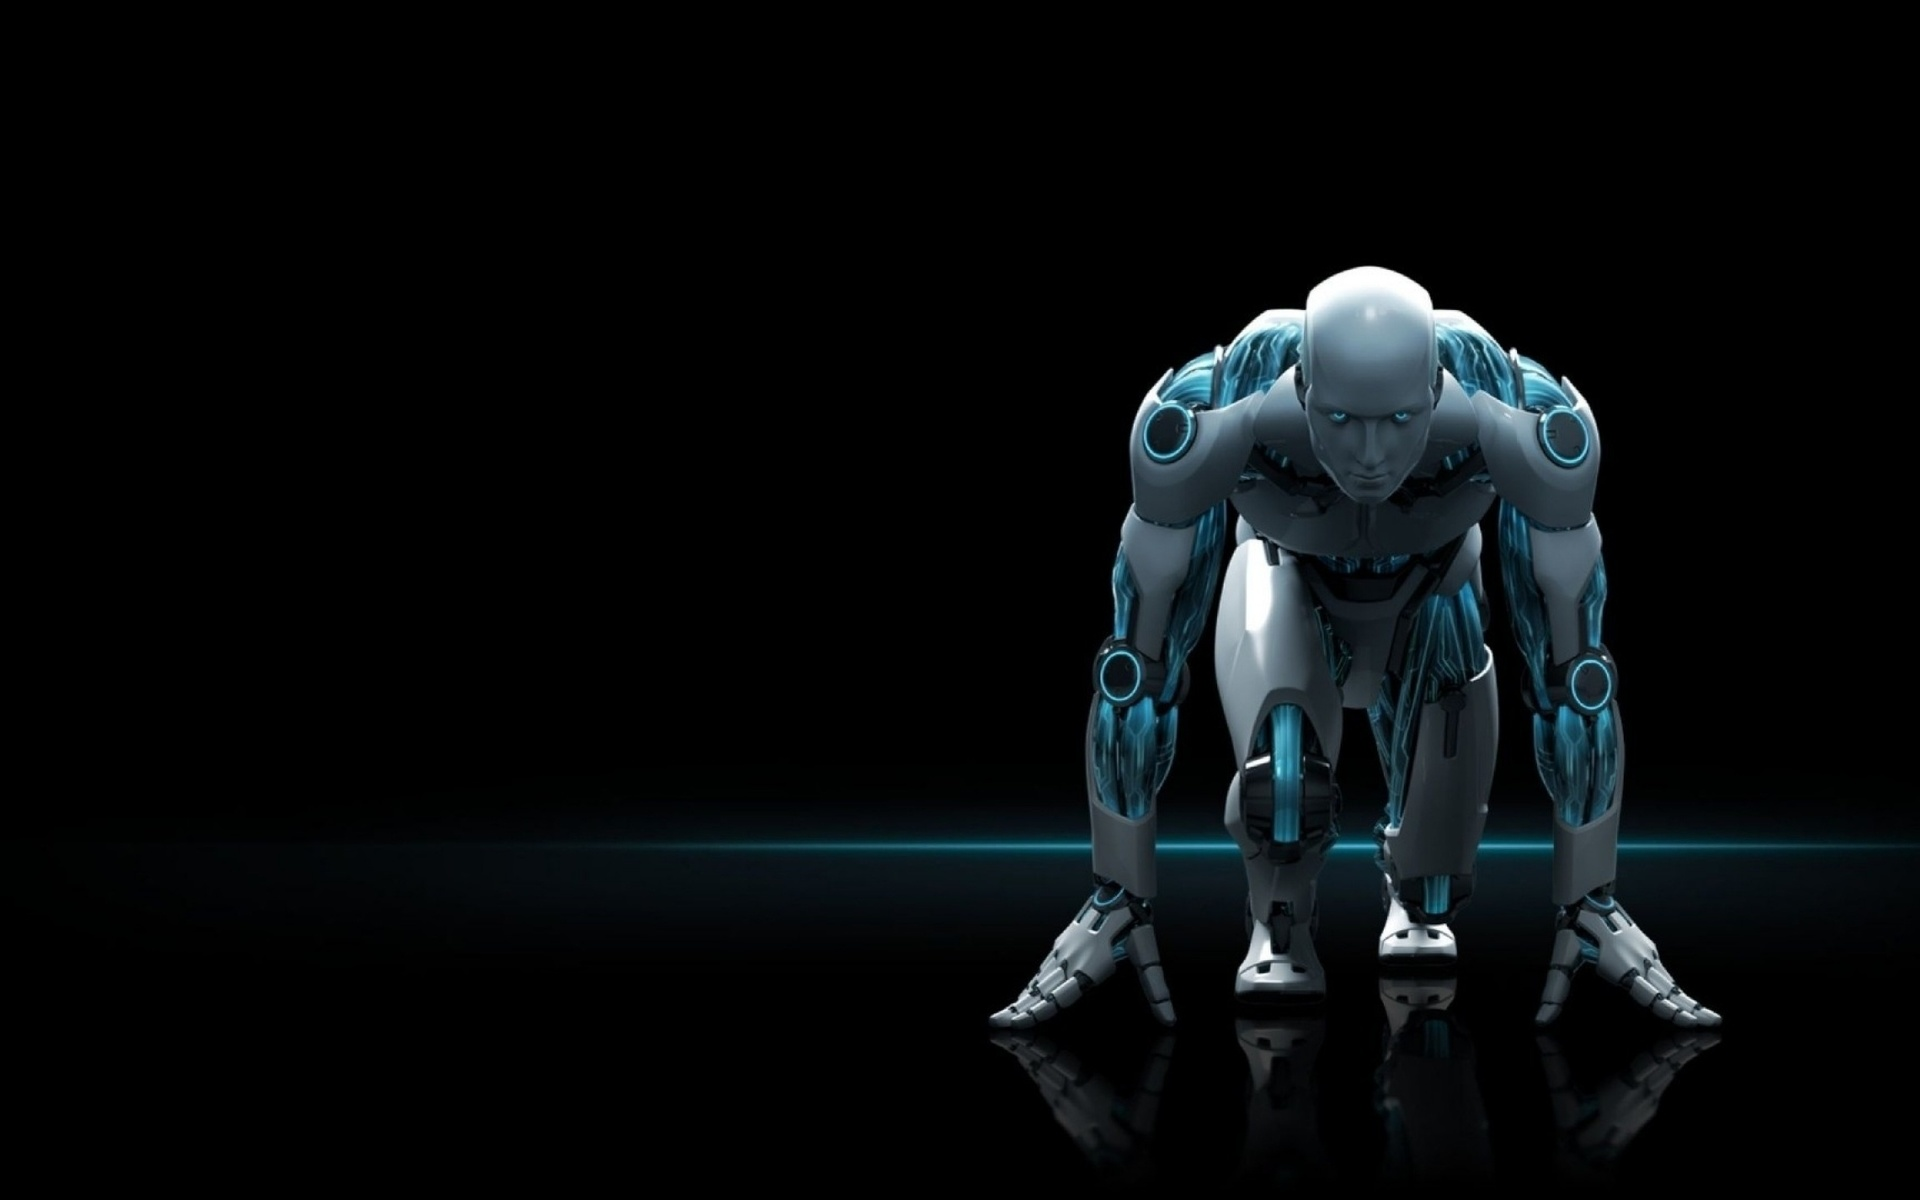 обои, тёмный фон, робот, irobot